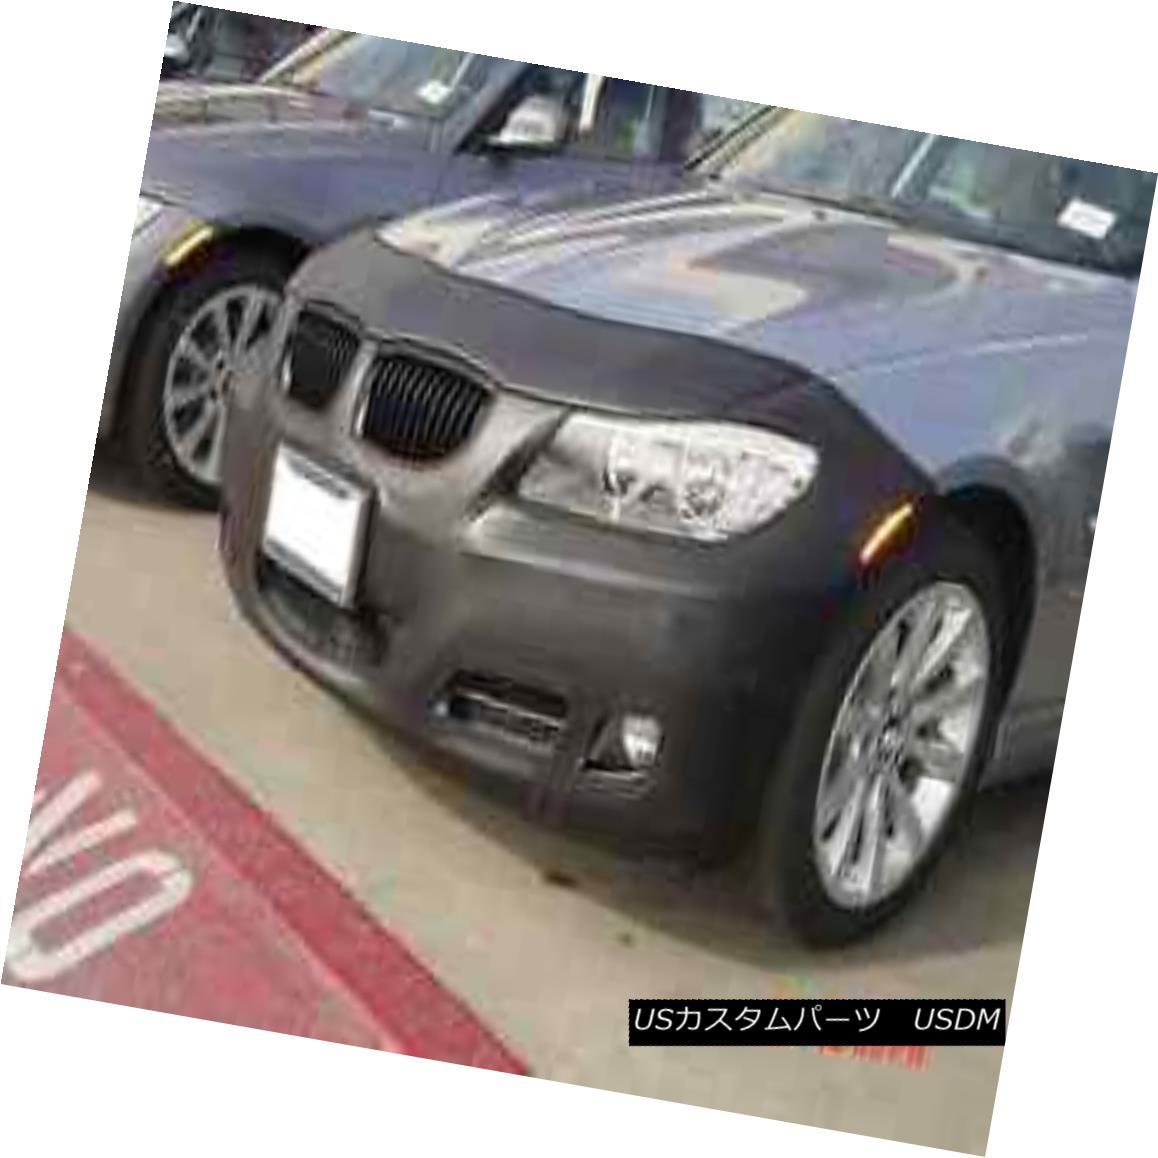 フルブラ ノーズブラ Colgan Front End Mask Bra 2pc. Fits BMW 335d 2009 2010 2011 With License Plate コルガンフロントエンドマスクブラ2pc ライセンスプレート付きBMW 335d 2009 2010 2011に適合